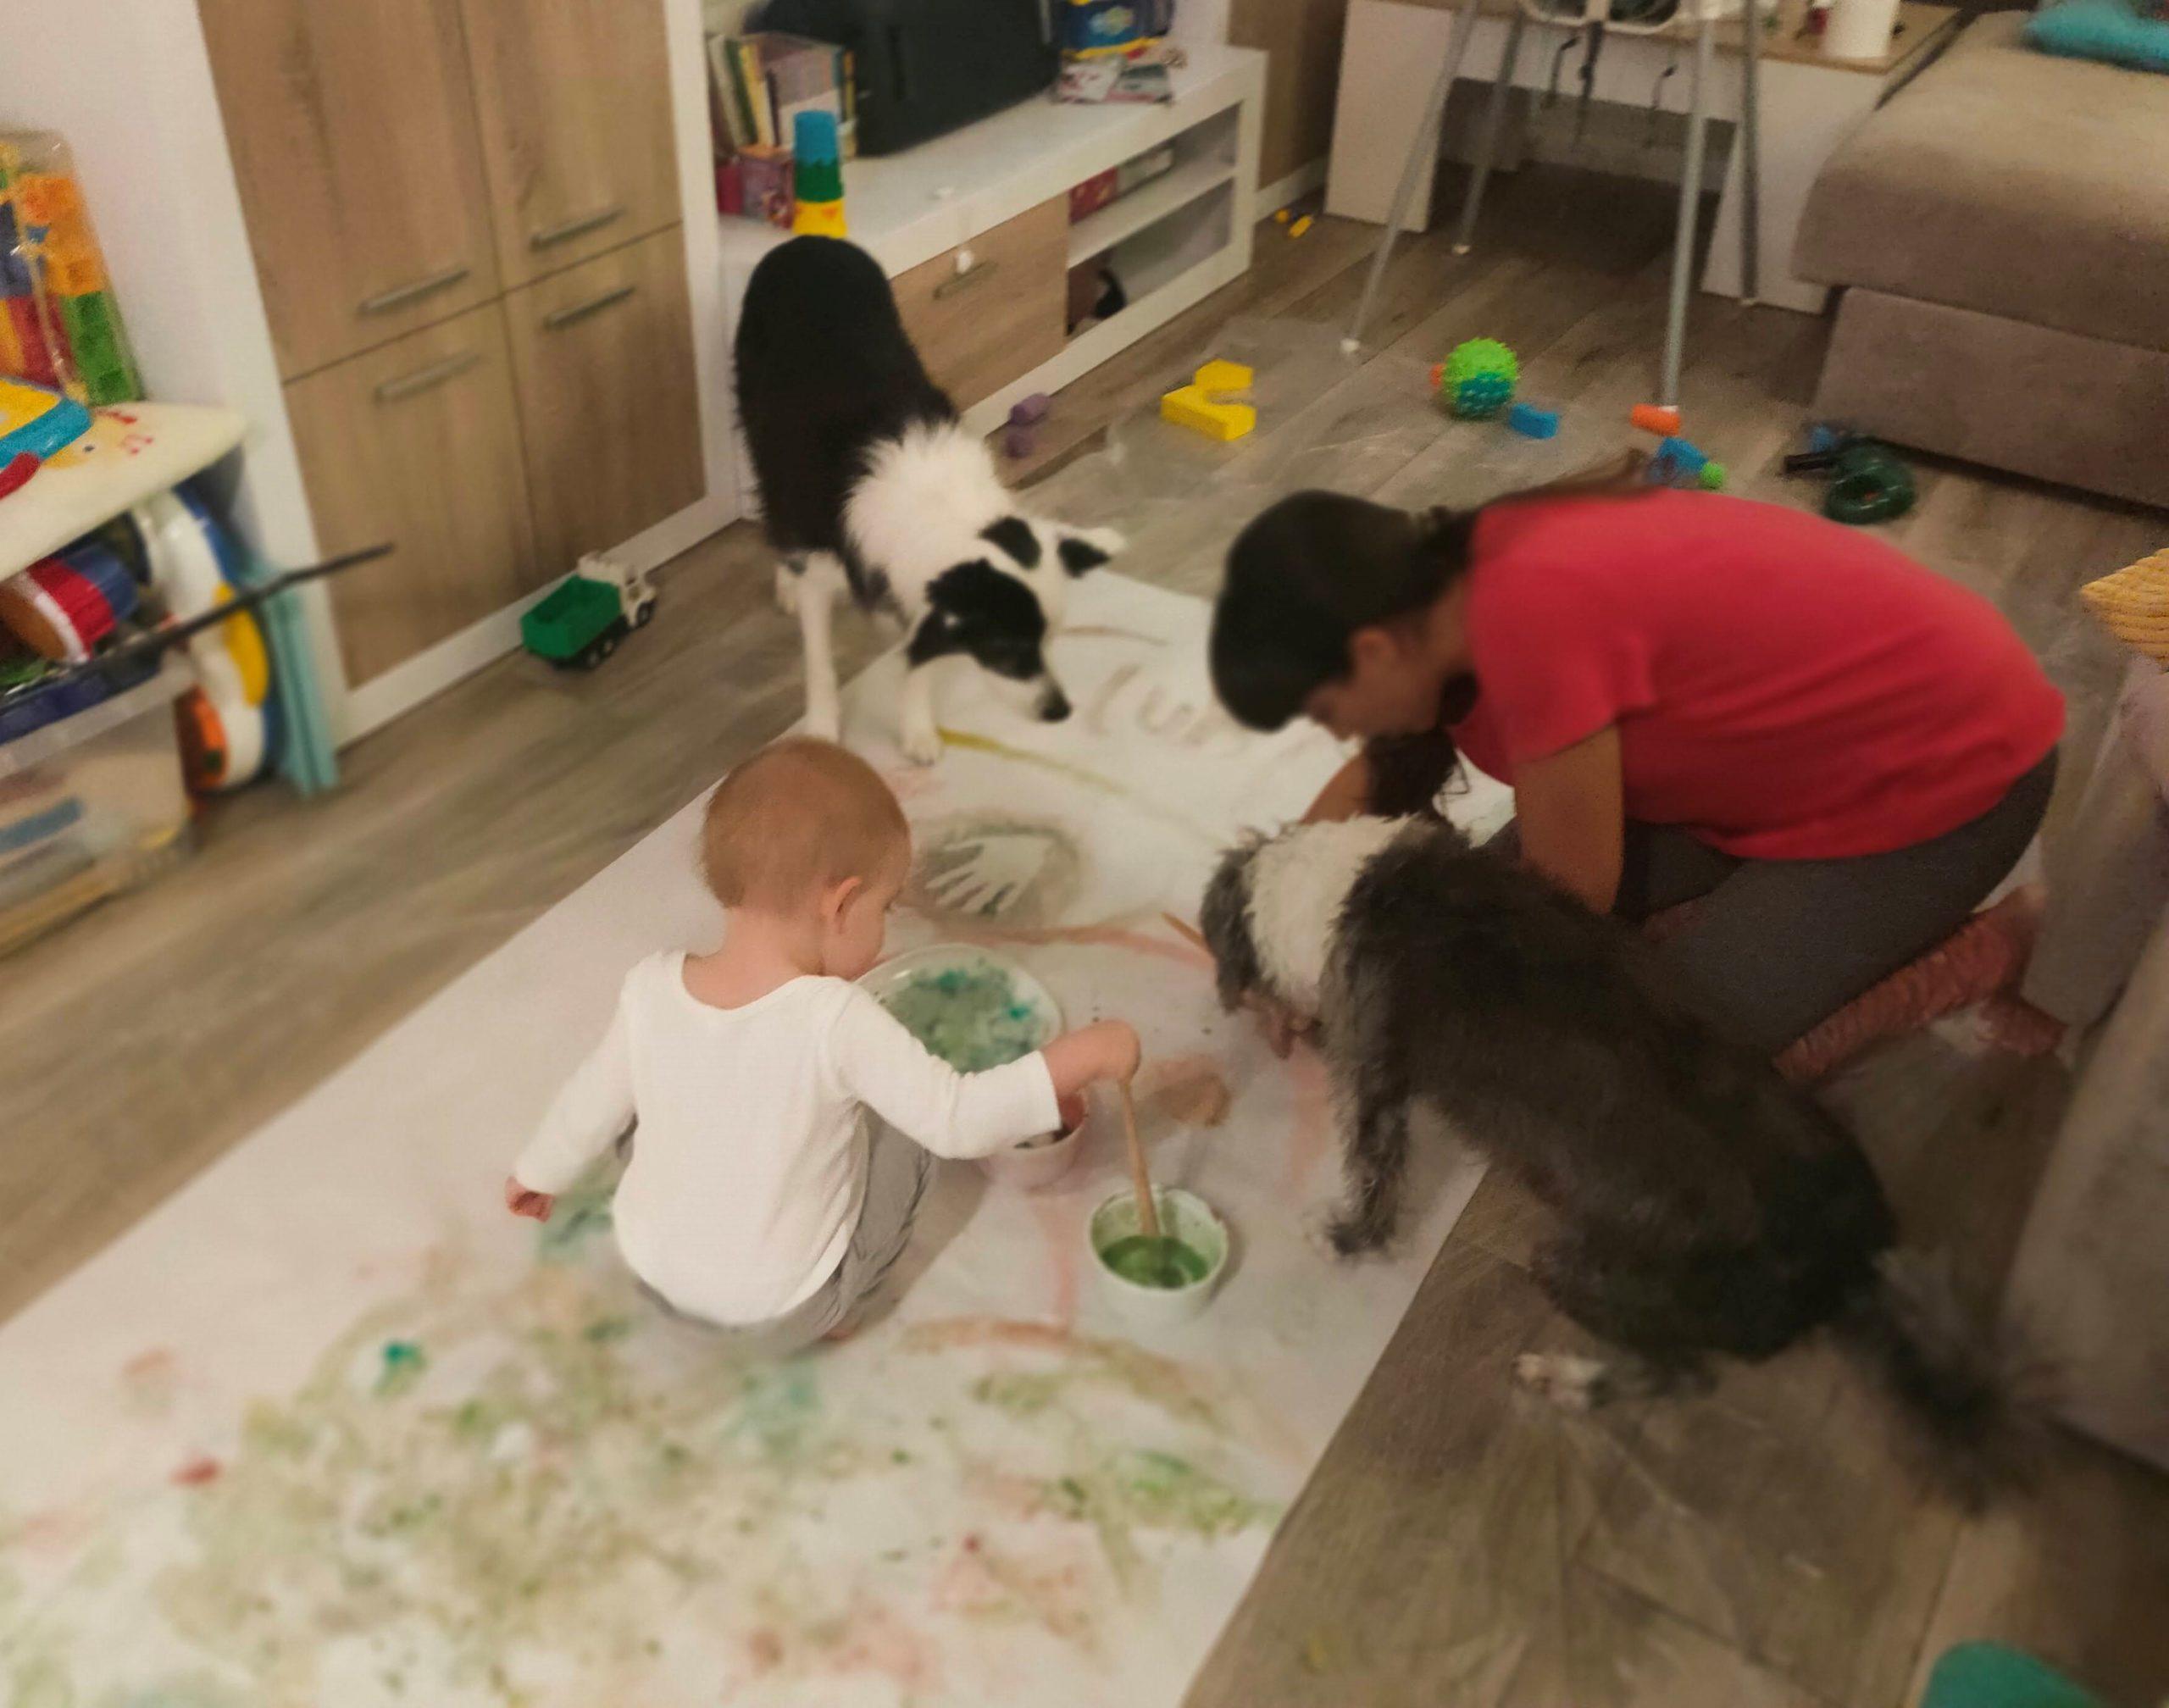 actividades perros y niños primera vez juntos